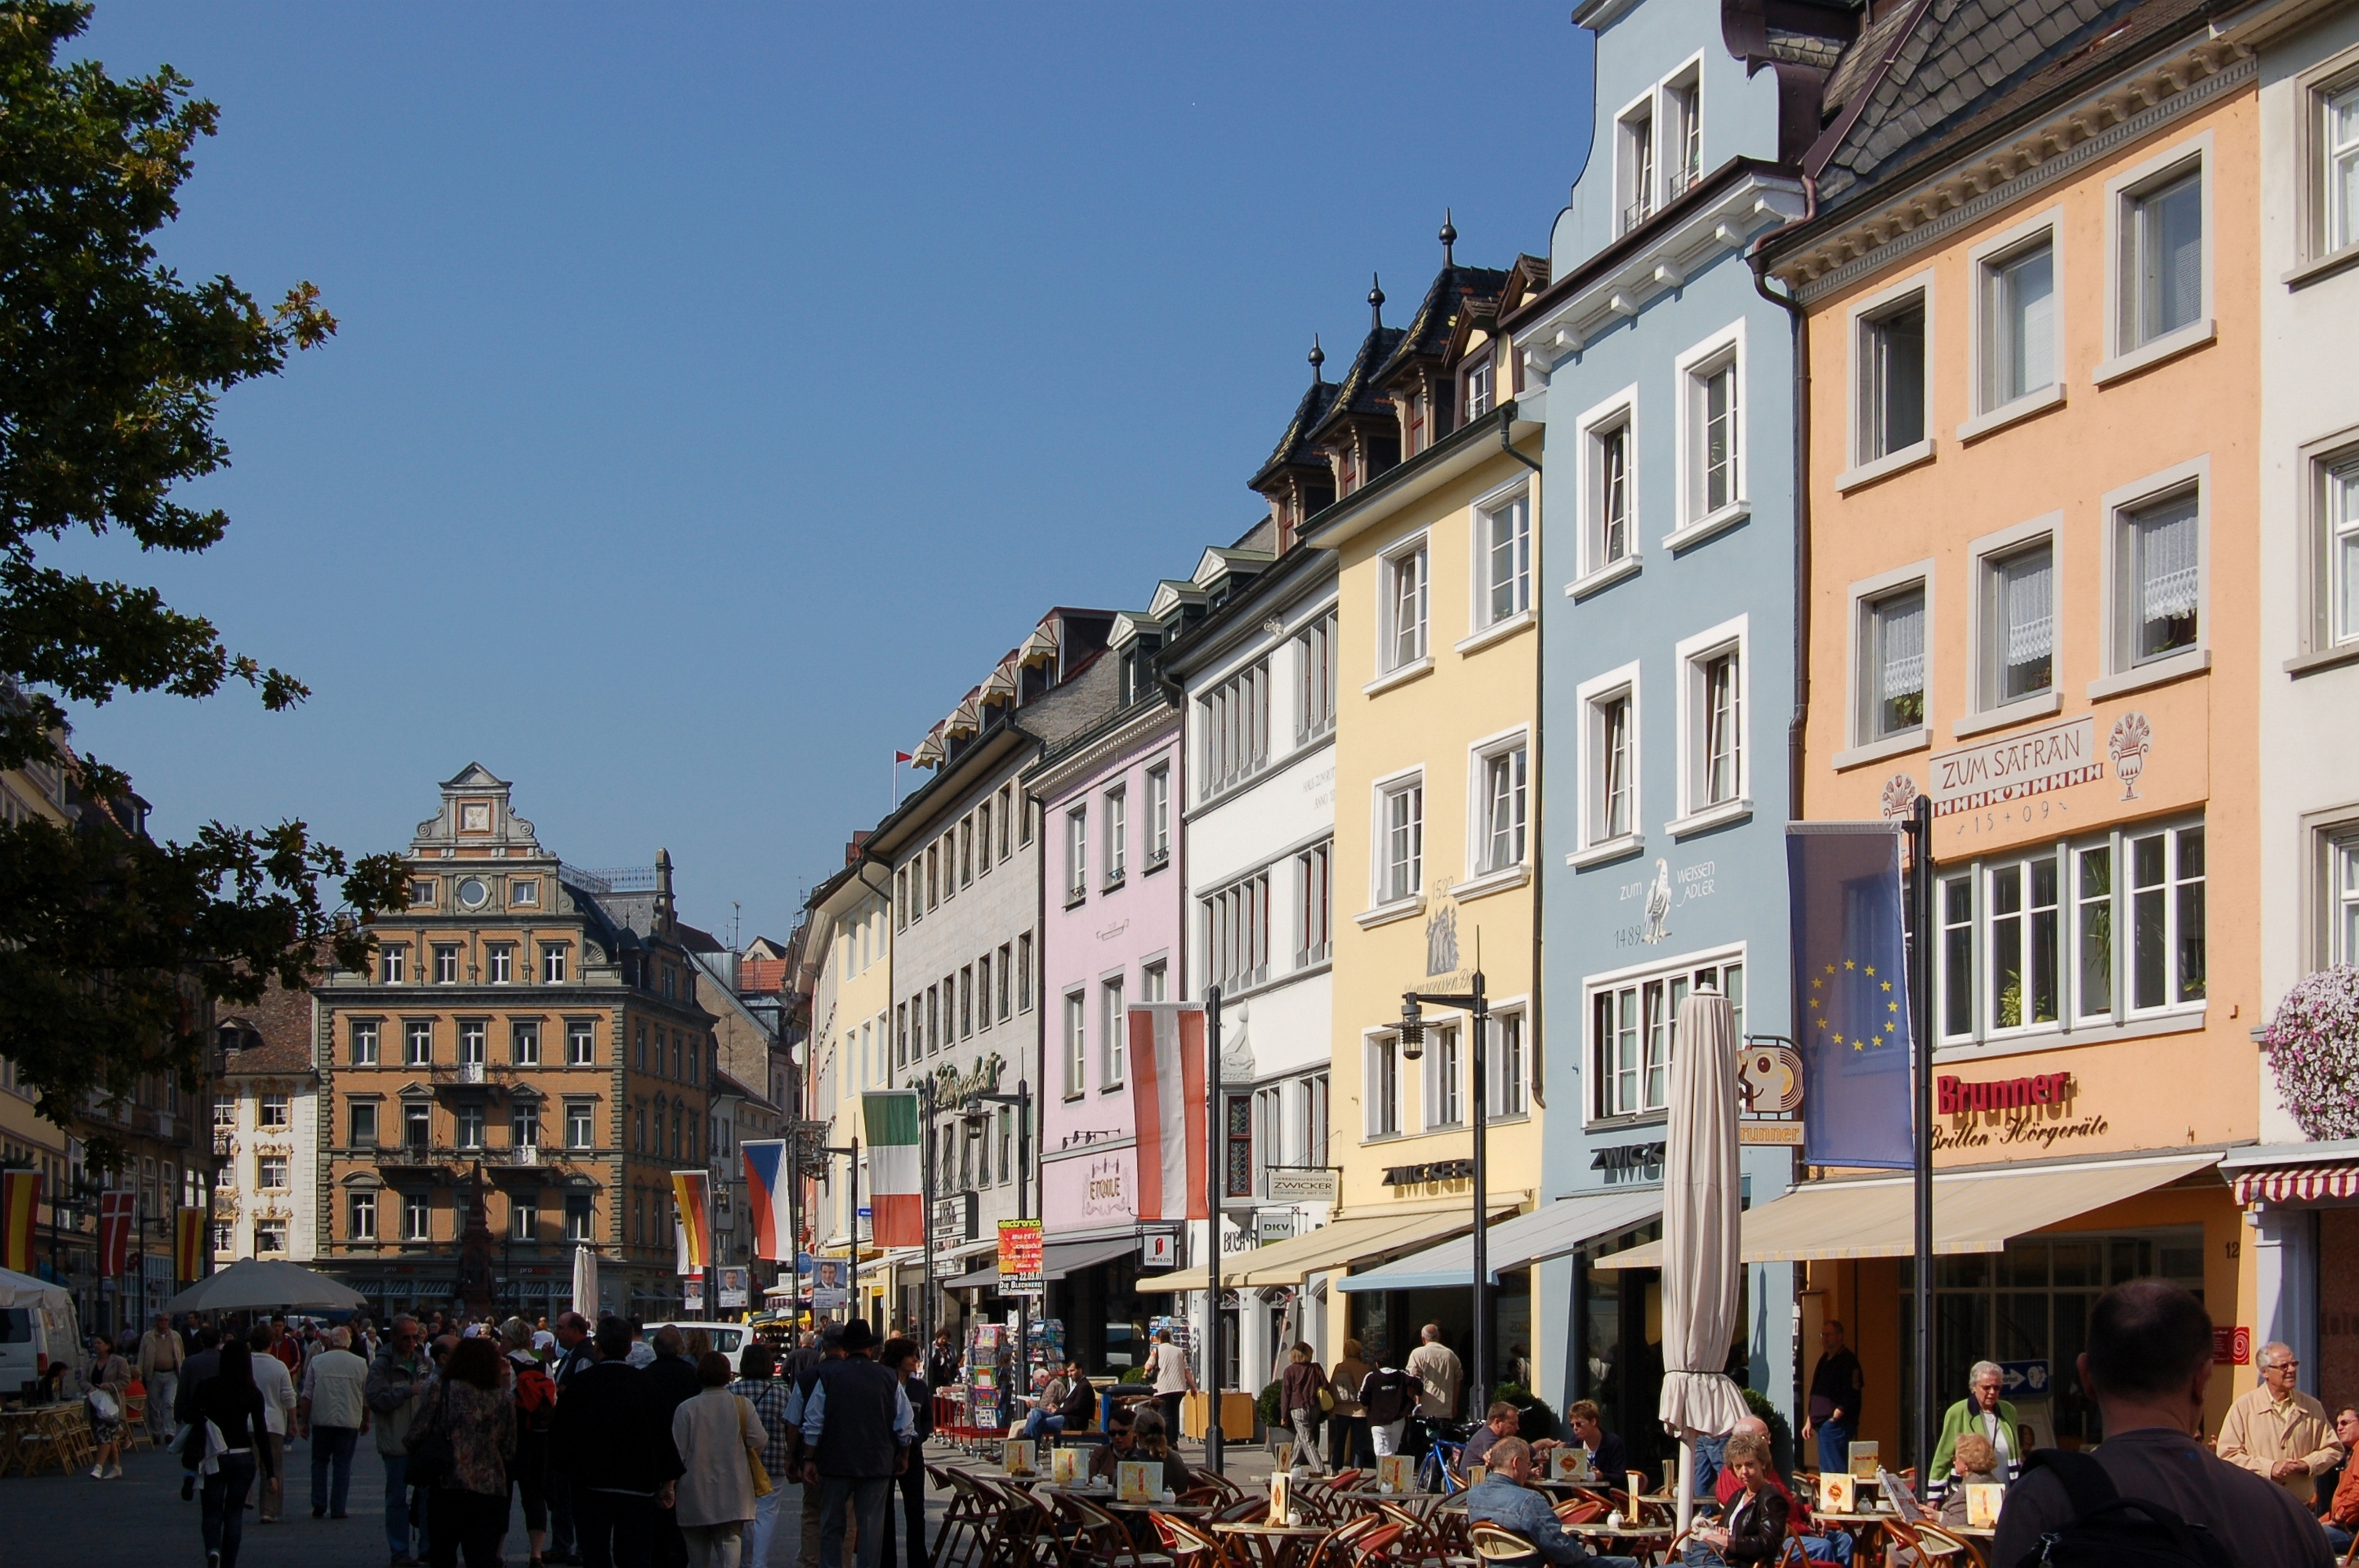 Konstanz Marktstätte